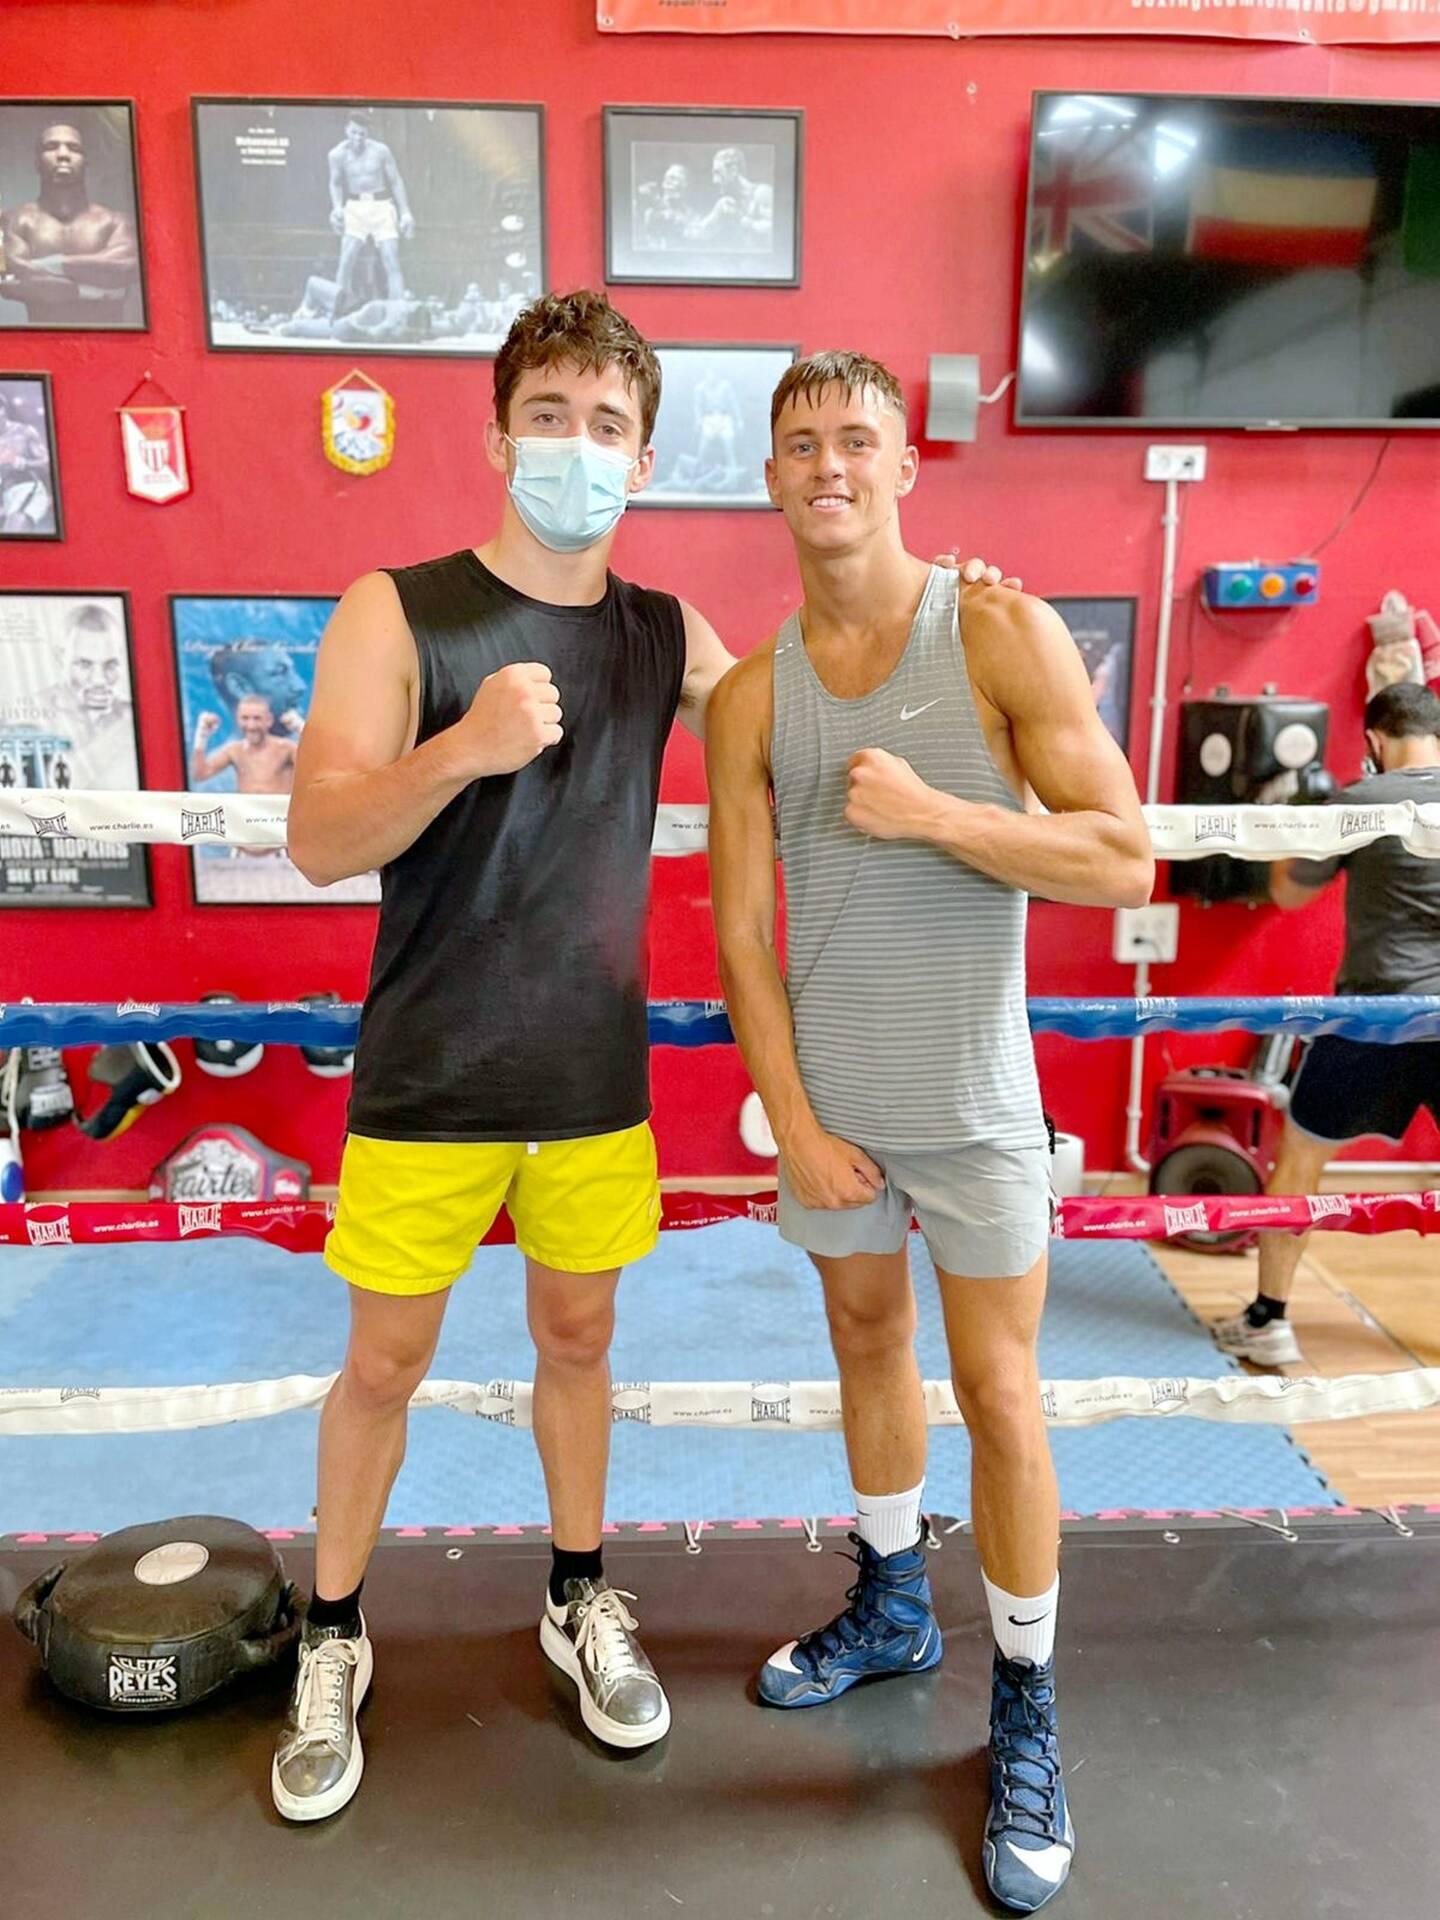 Les deux sportifs et amis d'enfance posent sur le ring de boxe.